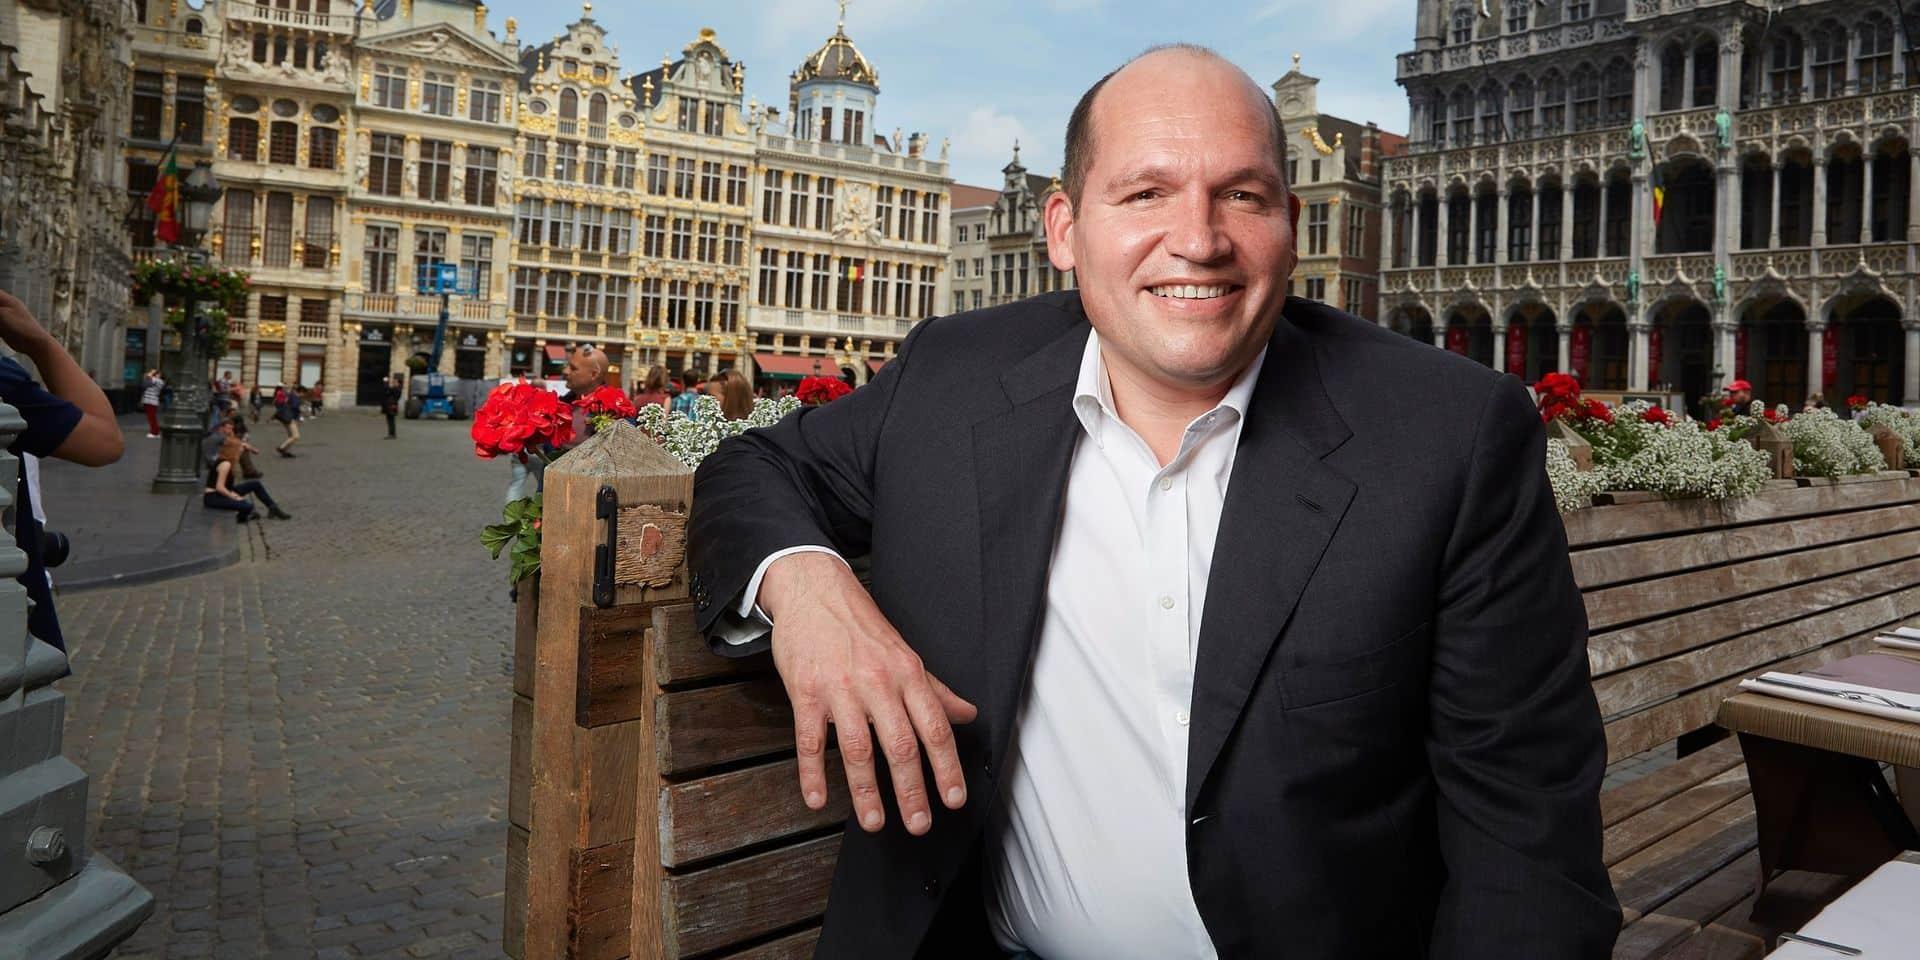 Le piétonnier de Bruxelles, une no-go zone? Le bourgmestre Philippe Close réagit